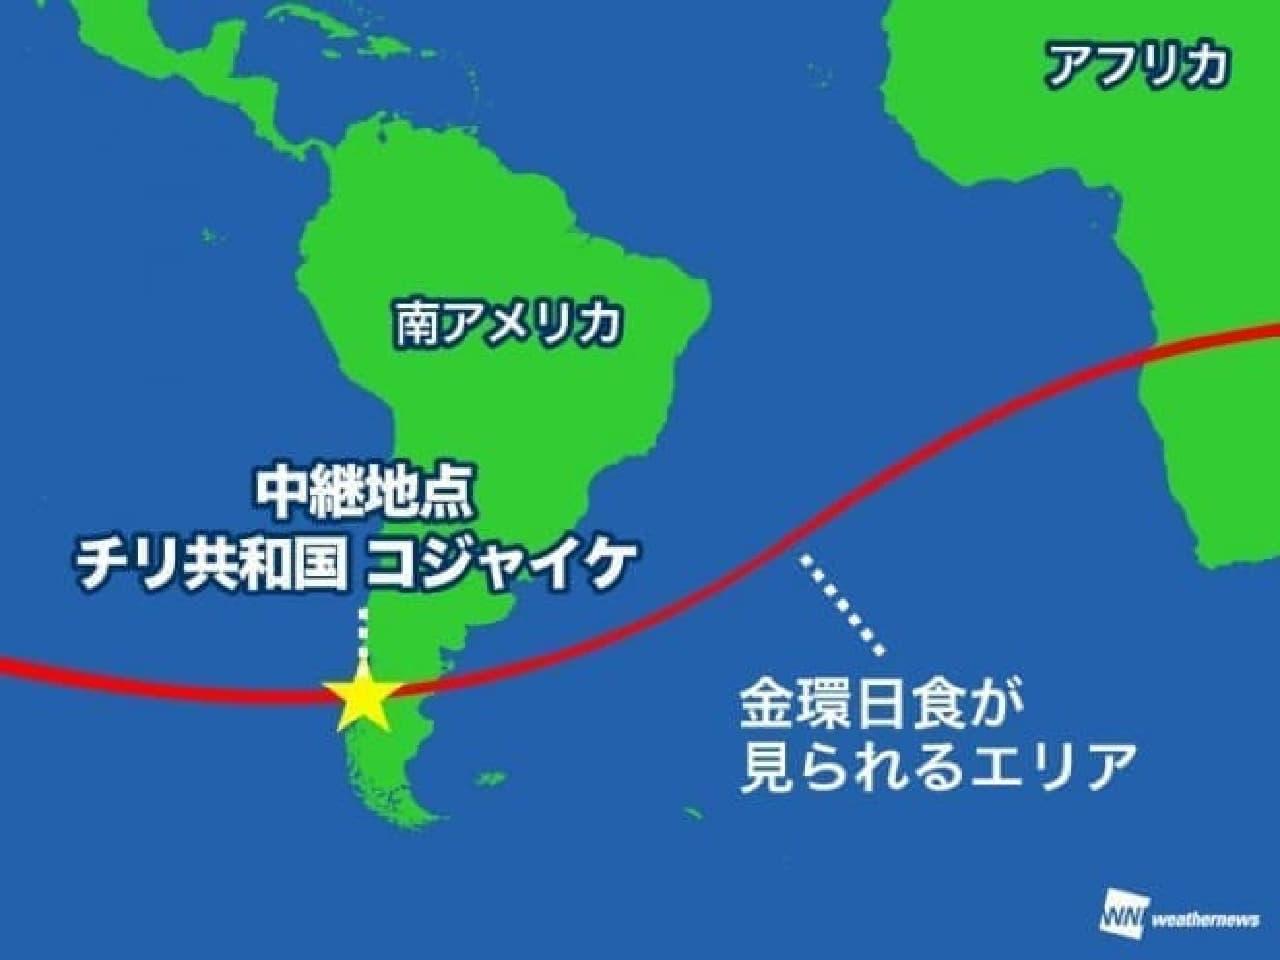 2月26日は南米で金環日食…ウェザーニューズがチリから生中継